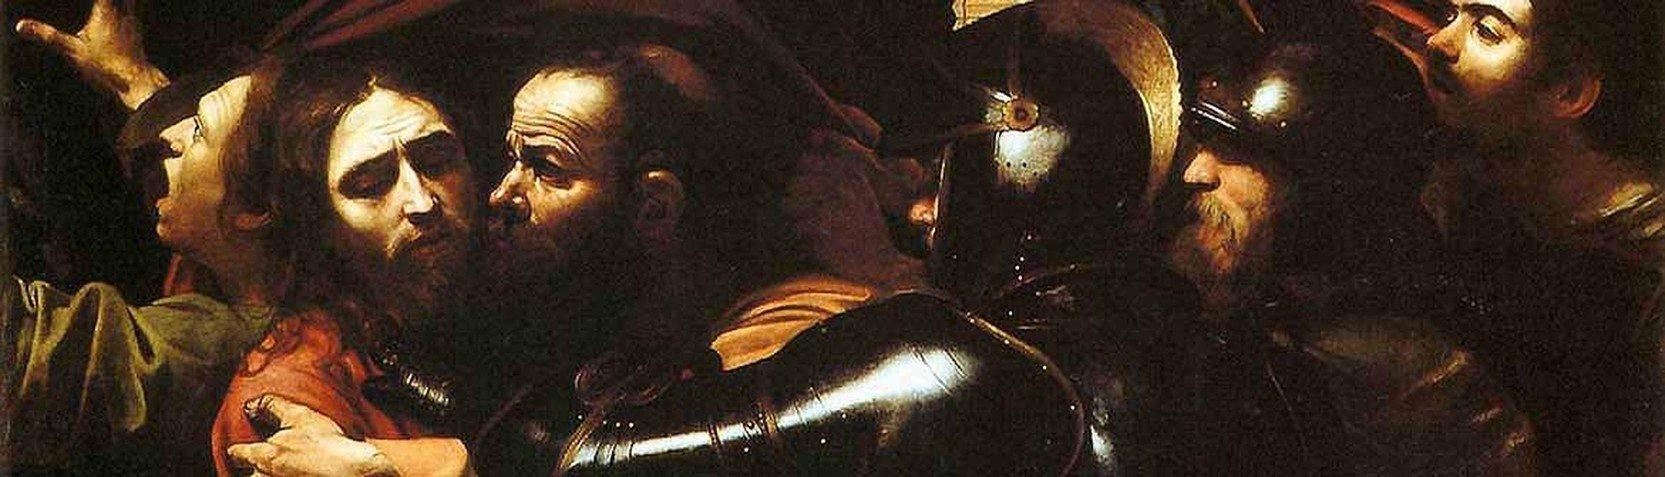 Artistas - Michelangelo Caravaggio